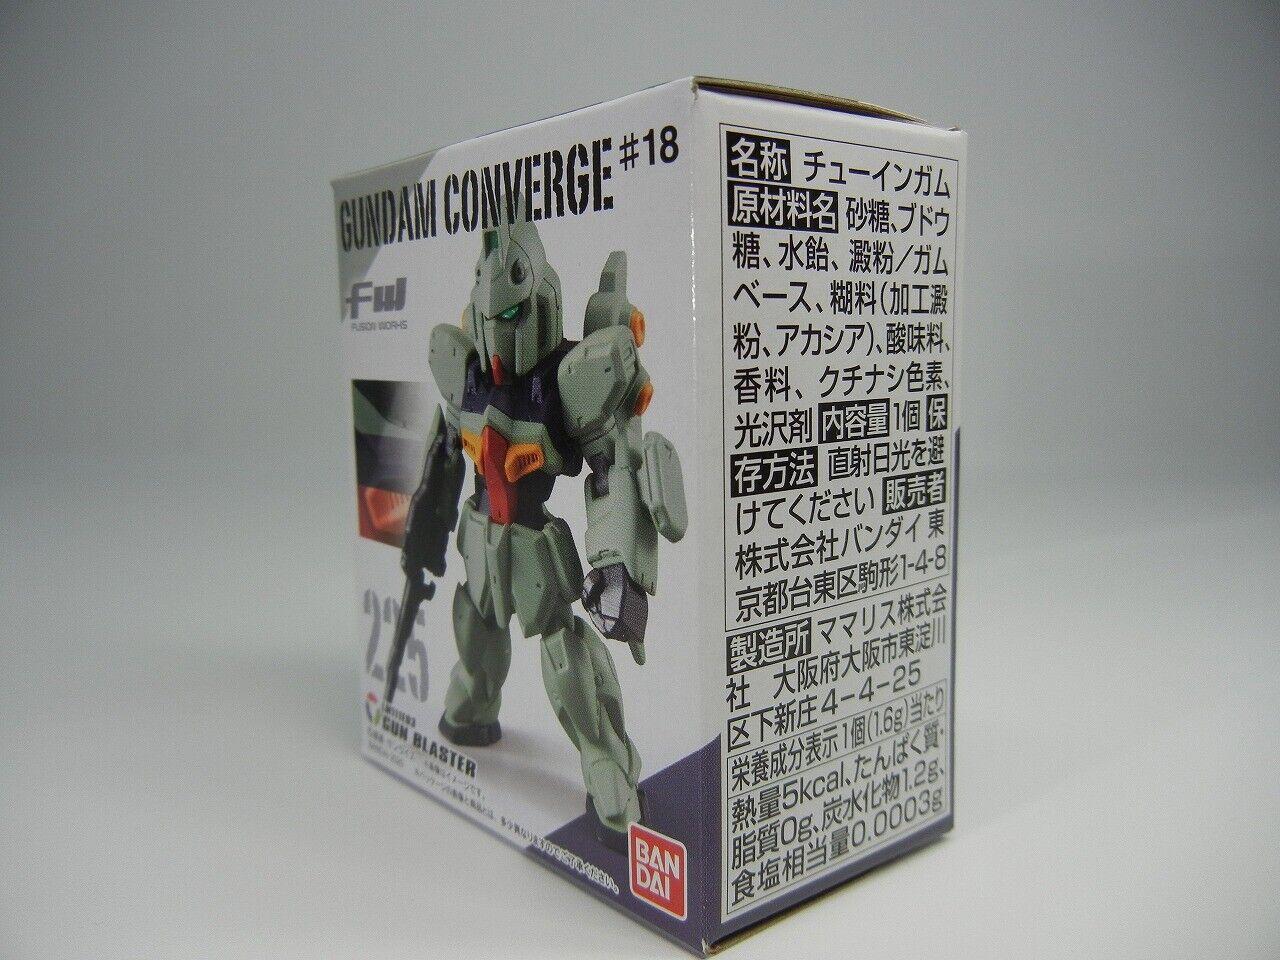 """FW GUNDAM CONVERGE #18 No.225 /"""" LM111E03 Gun Blaster /""""  Figure BANDAI"""